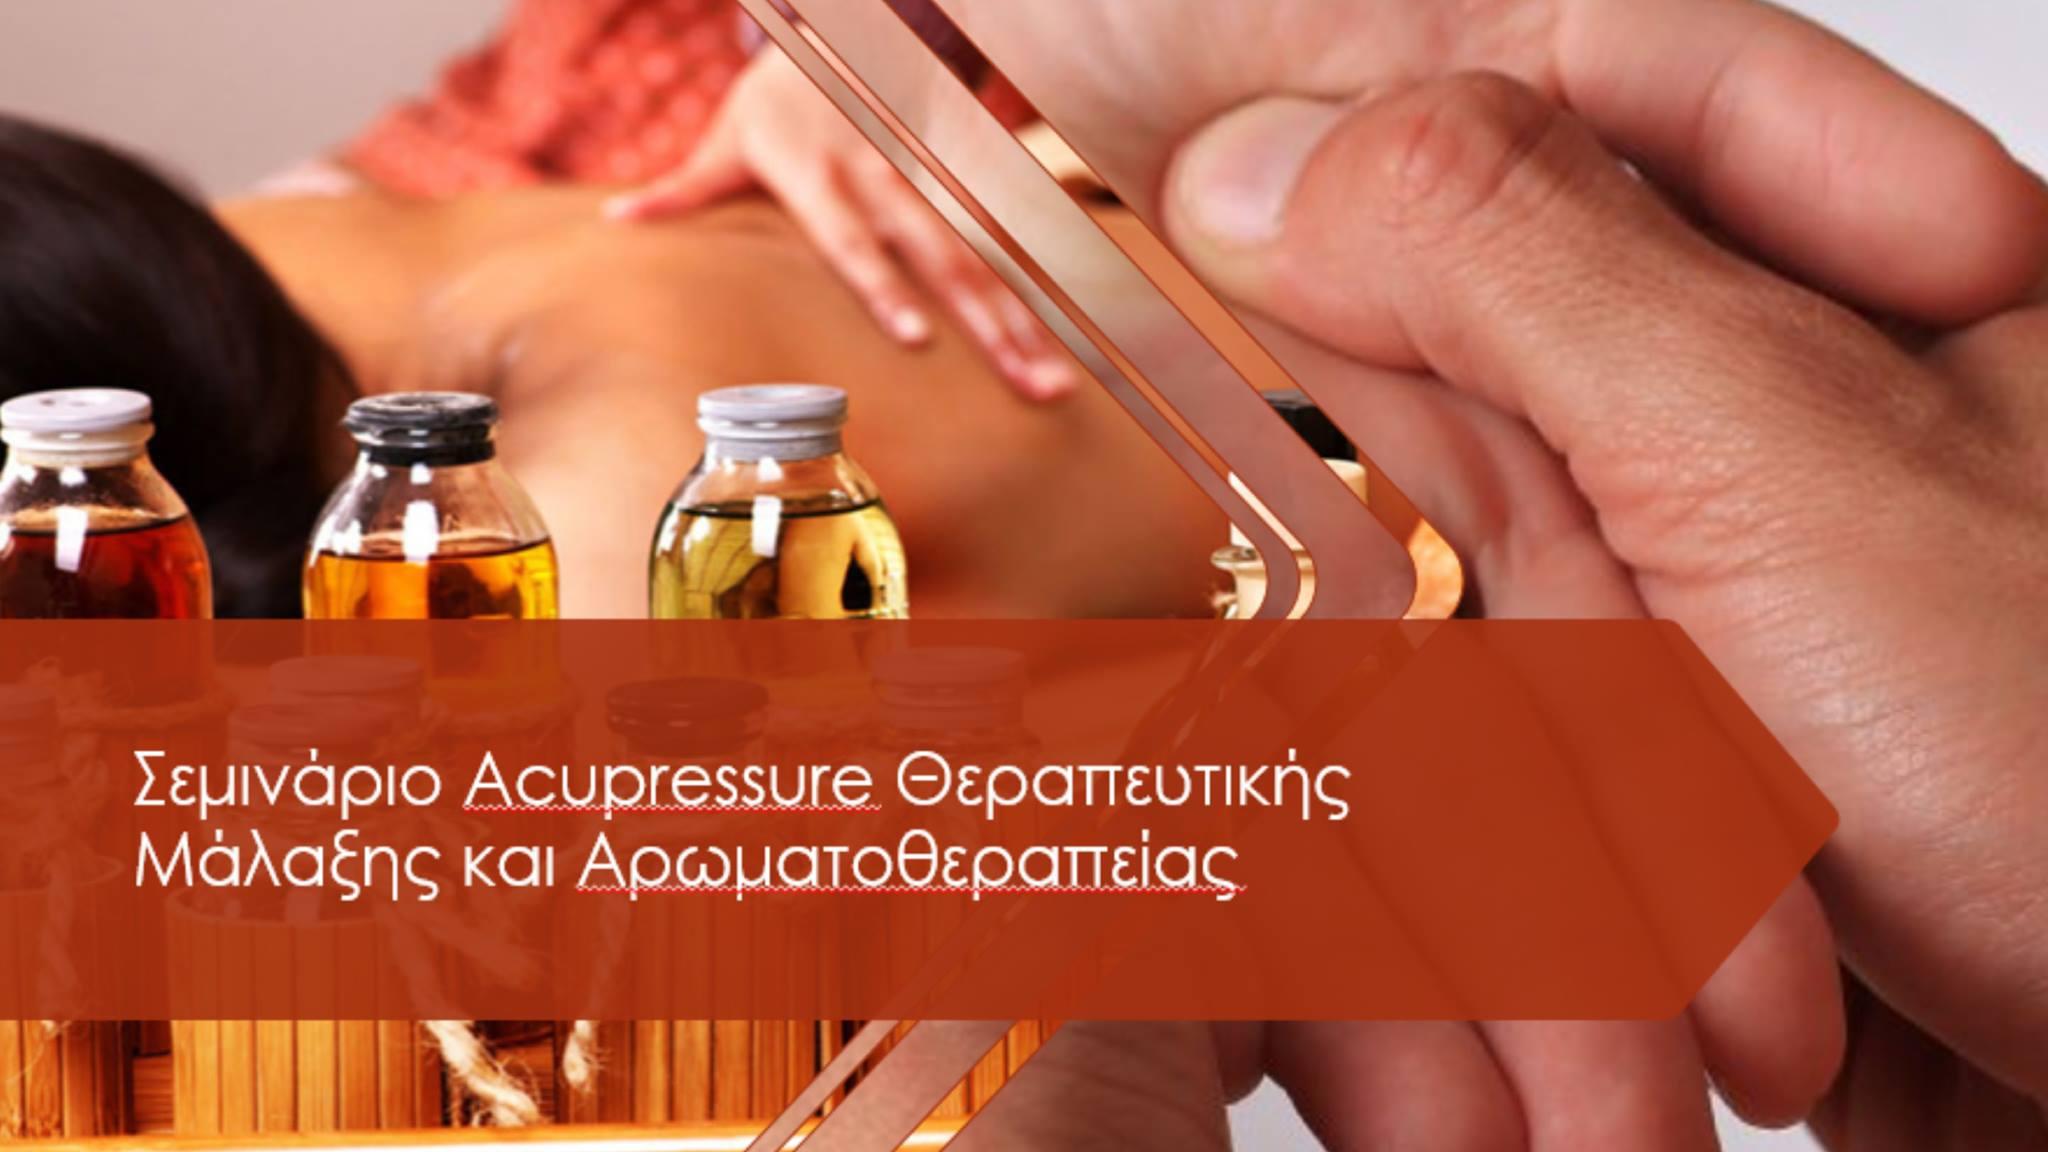 Σεμινάριο Acupressure, Θεραπευτικής Μάλαξης και Αρωματοθεραπείας - Εικόνα